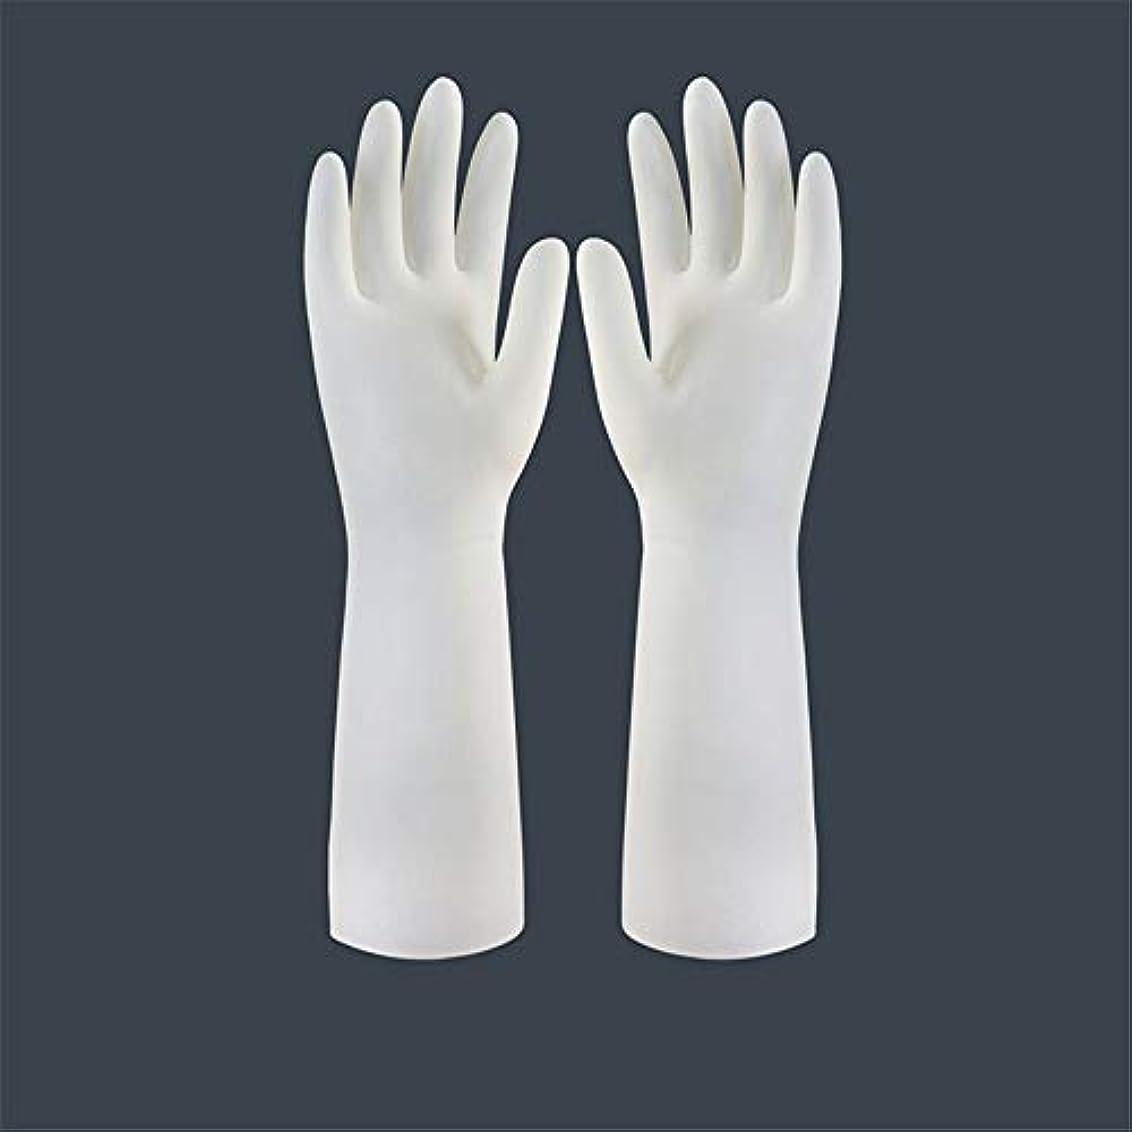 略語器官ピッチBTXXYJP キッチン用手袋 手袋 食器洗い 作業 炊事 食器洗い 掃除 園芸 洗車 防水 防油 手袋 (Color : Long-1 pair, Size : L)